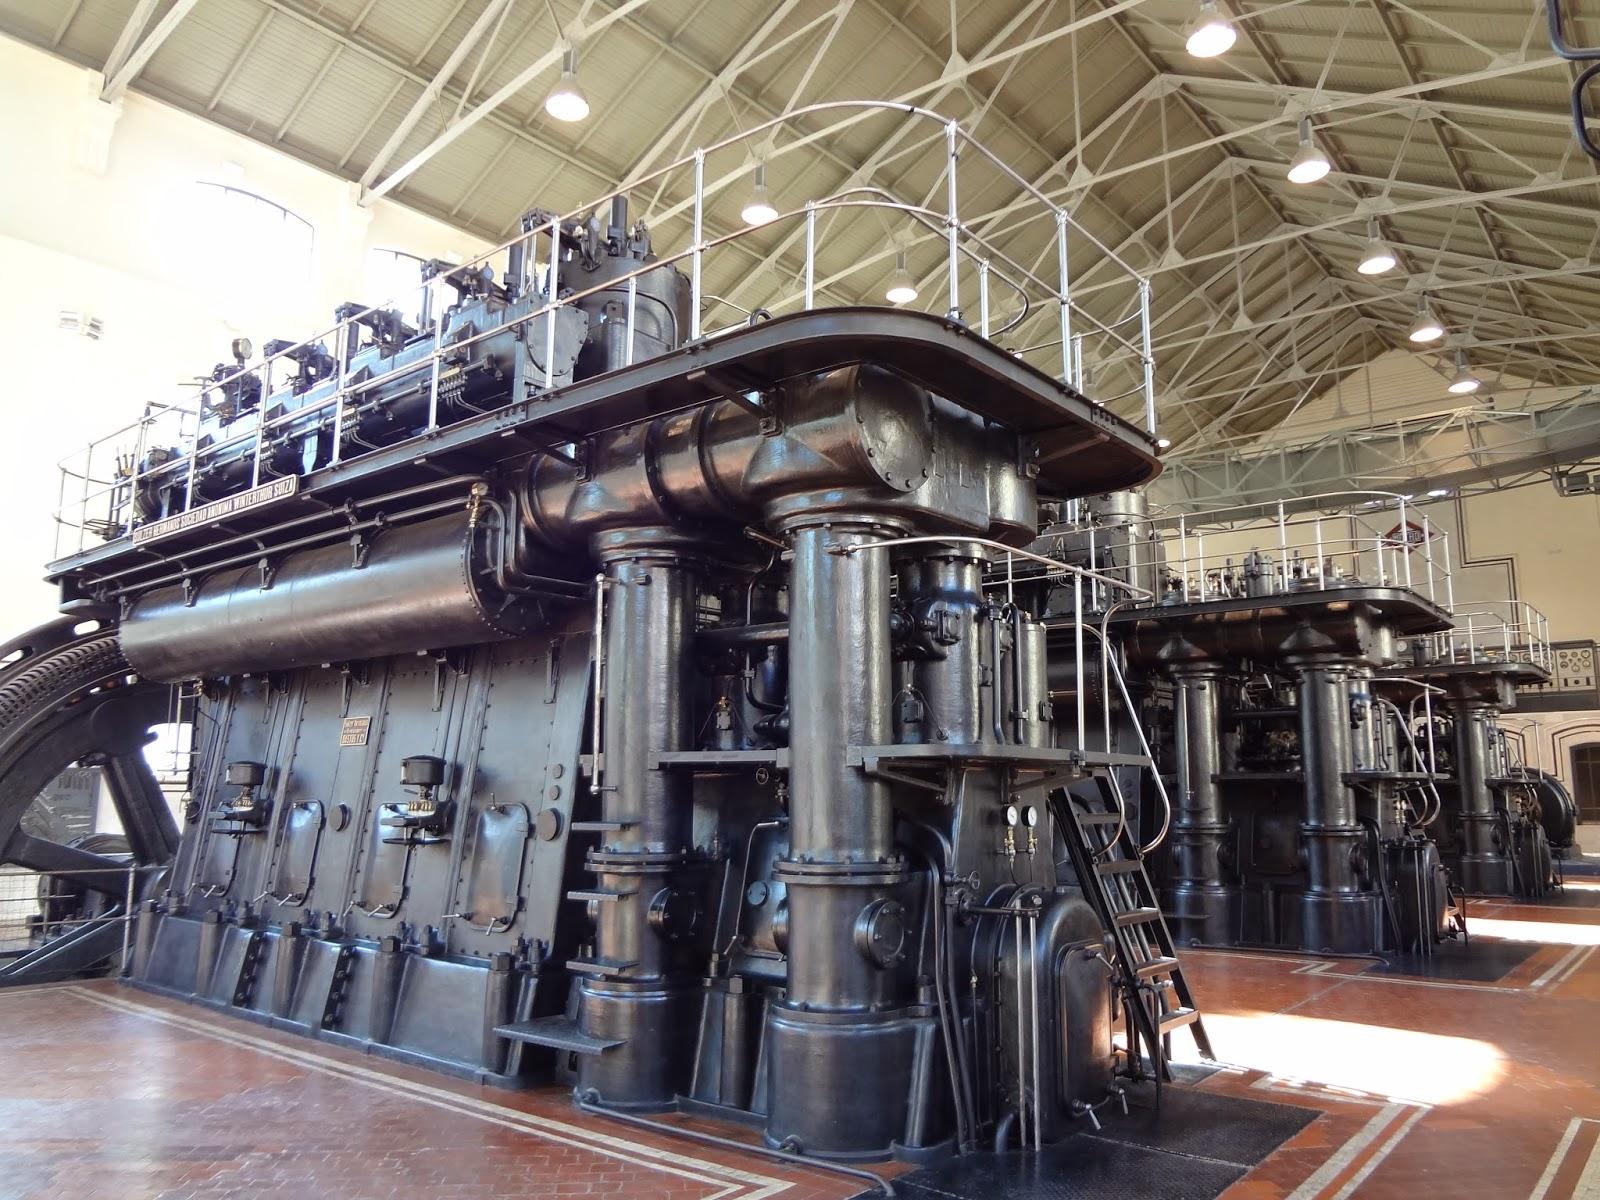 Motores Diesel en la antigua Nave de Motores